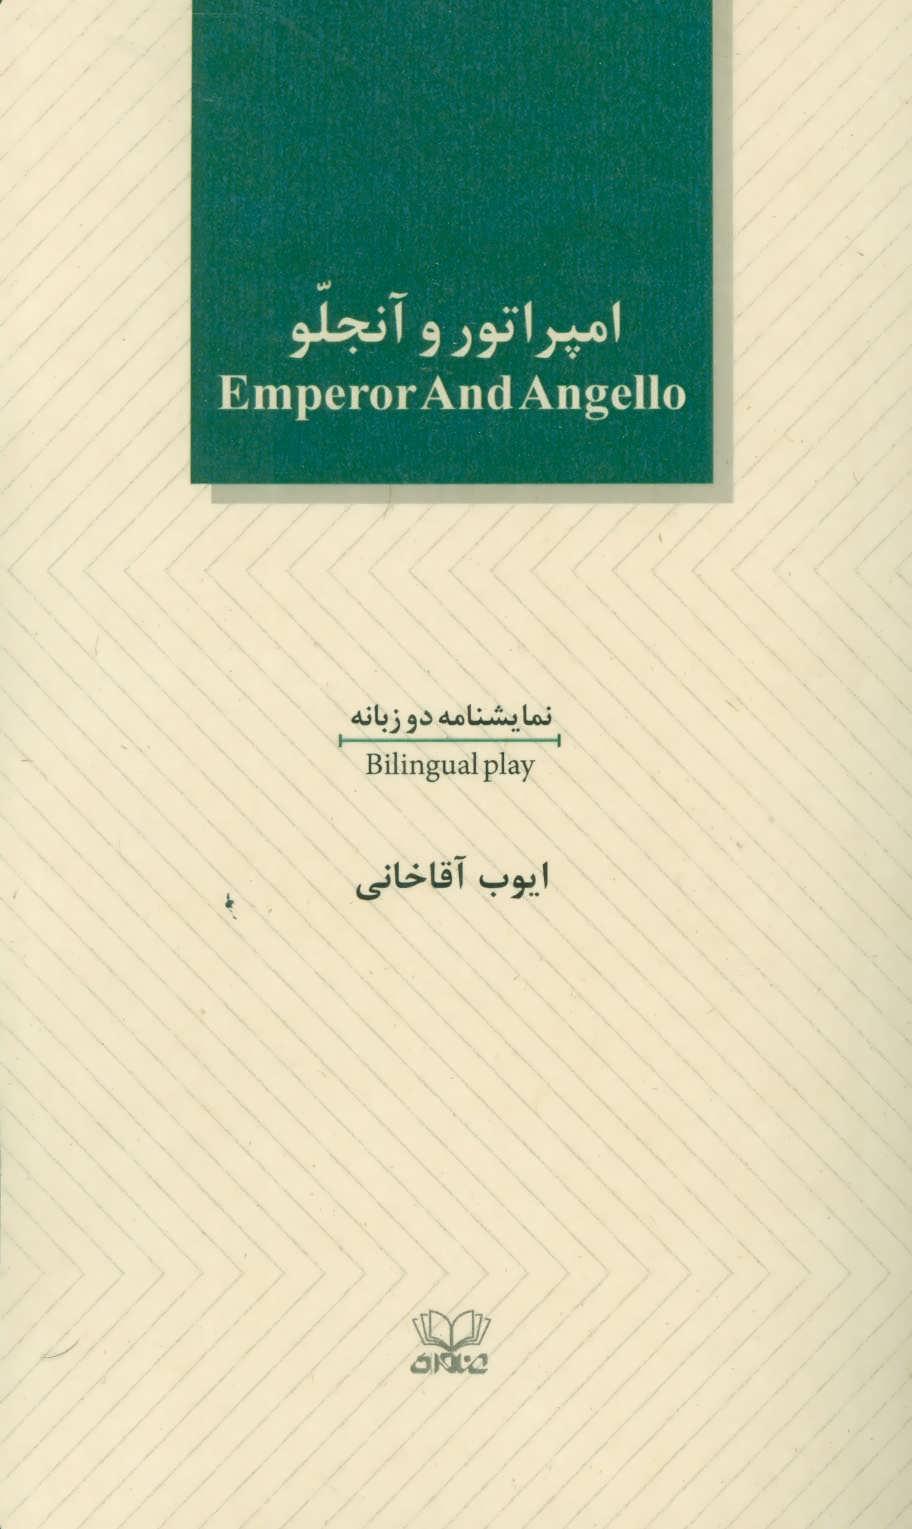 کتاب امپراطور و آنجلو